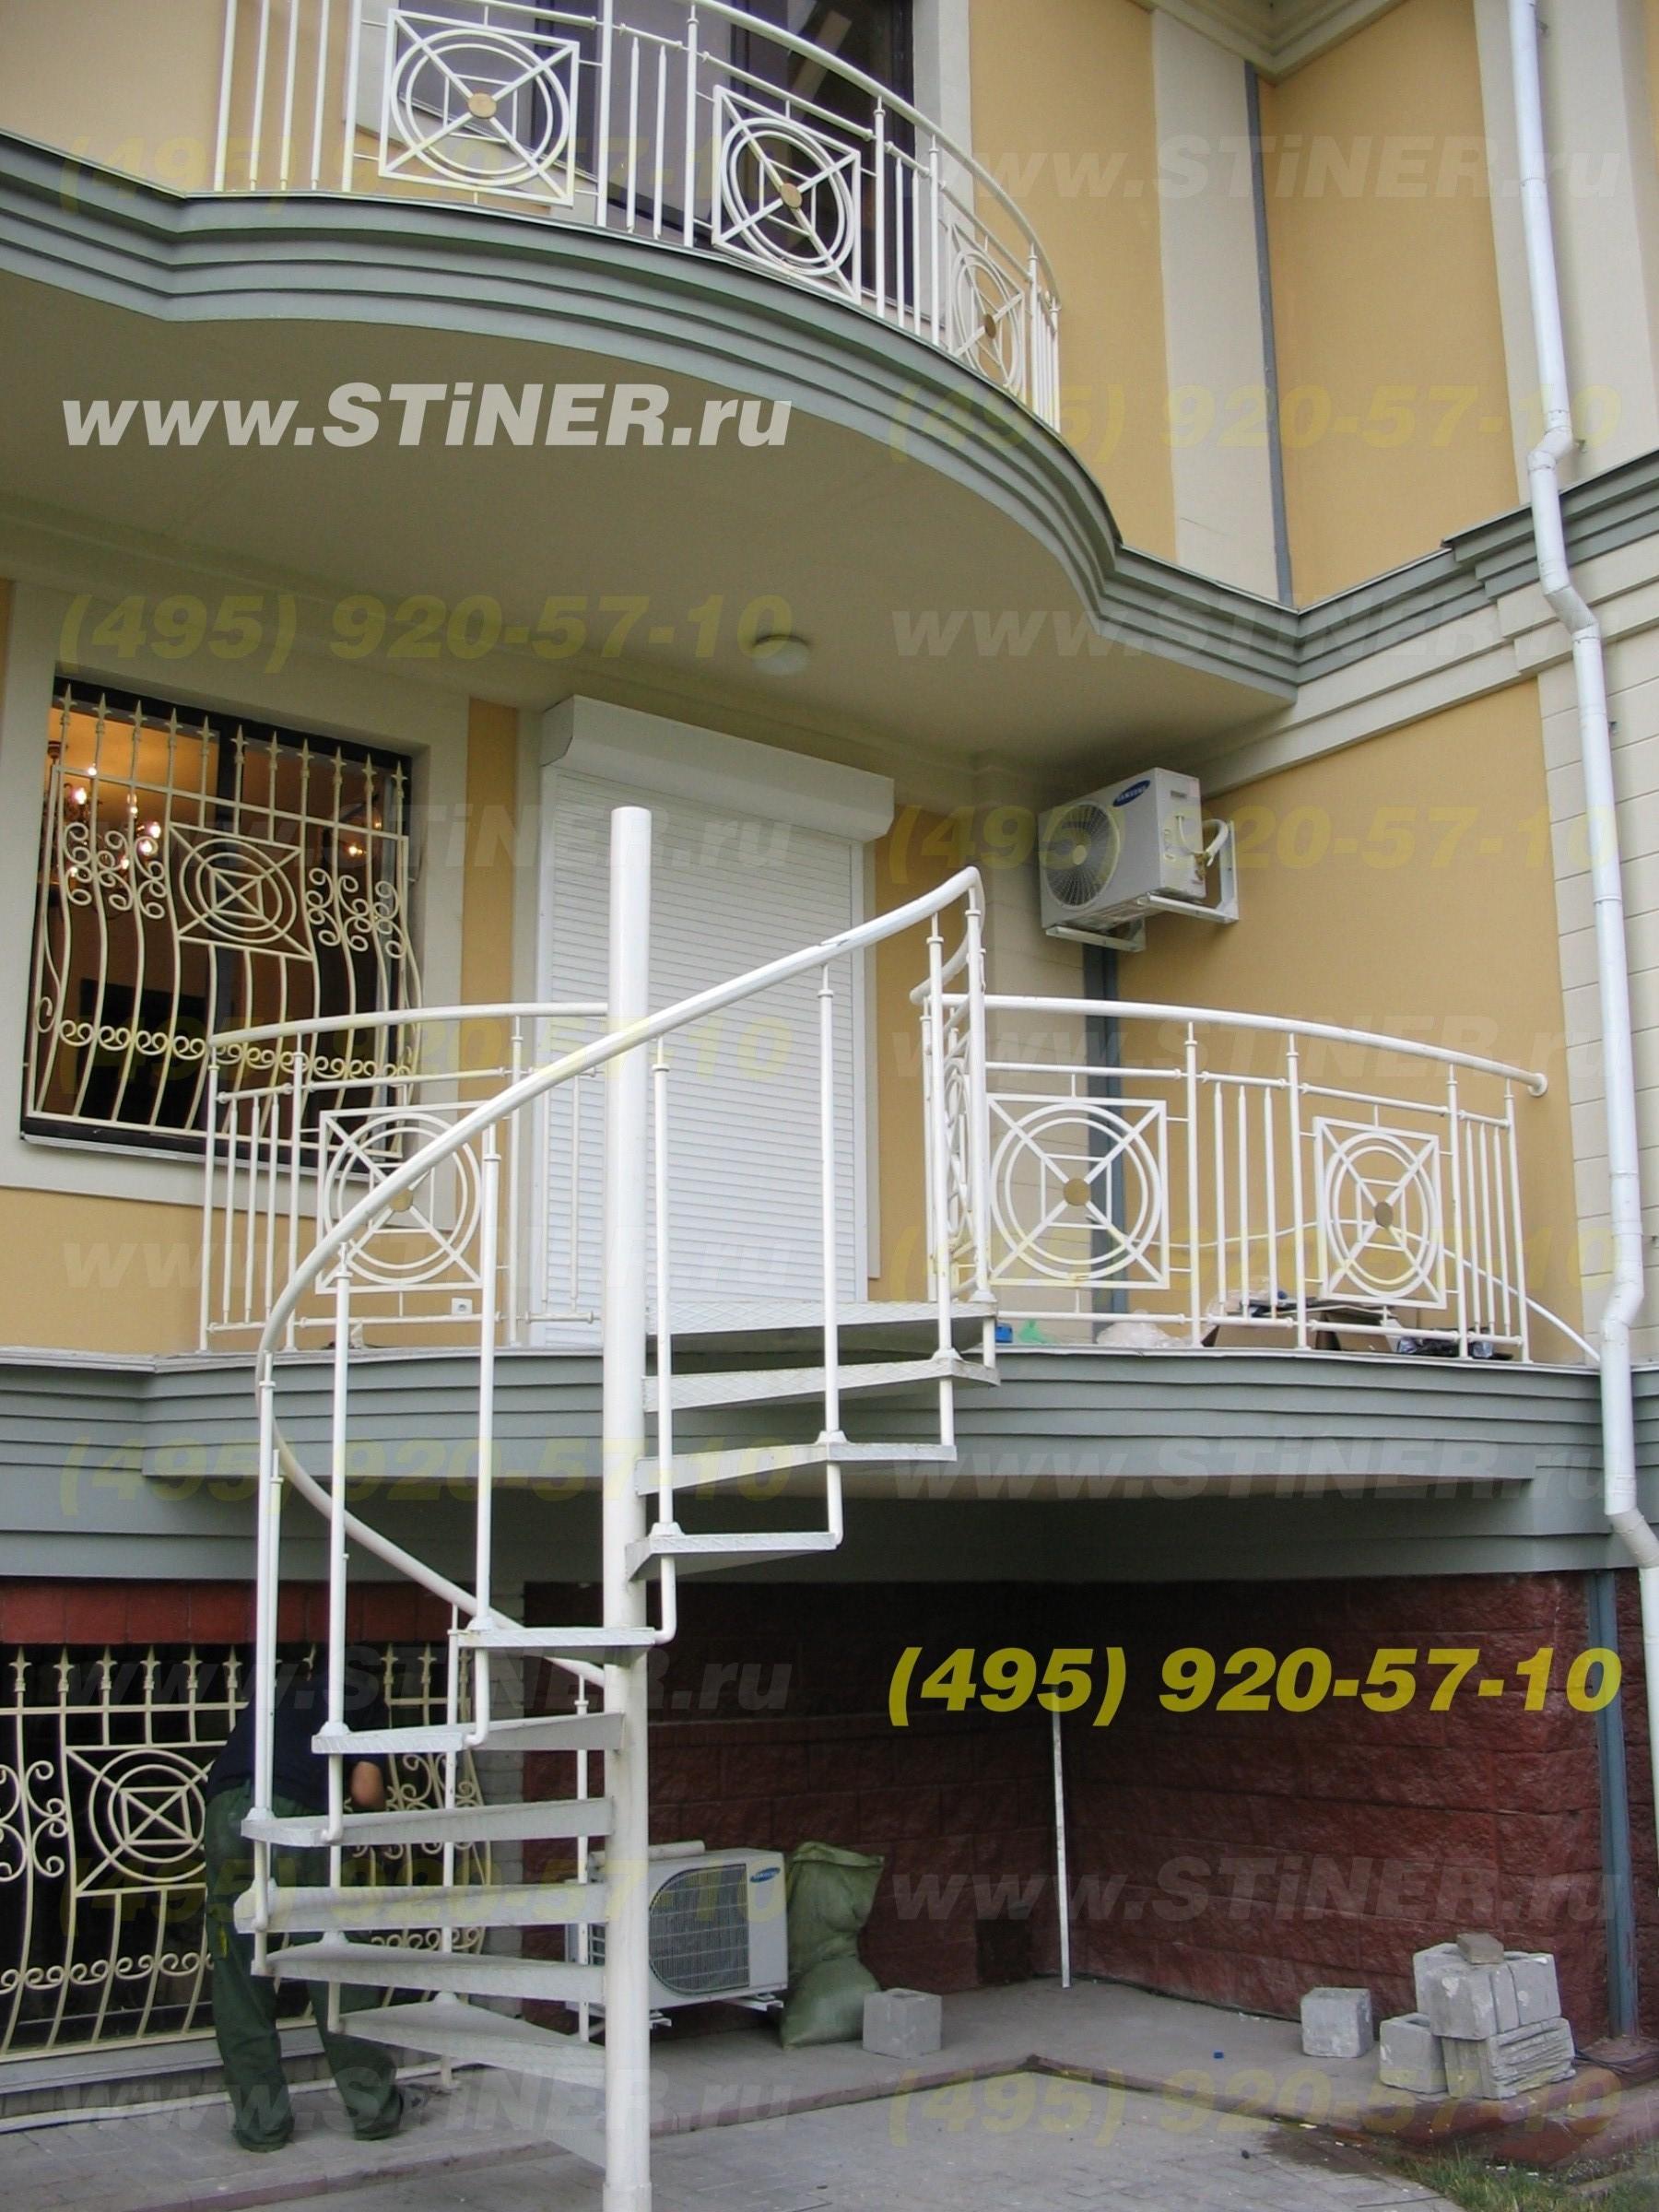 Роллеты электрические на дверь выхода на балкон первого этажа Таунхаус Химки